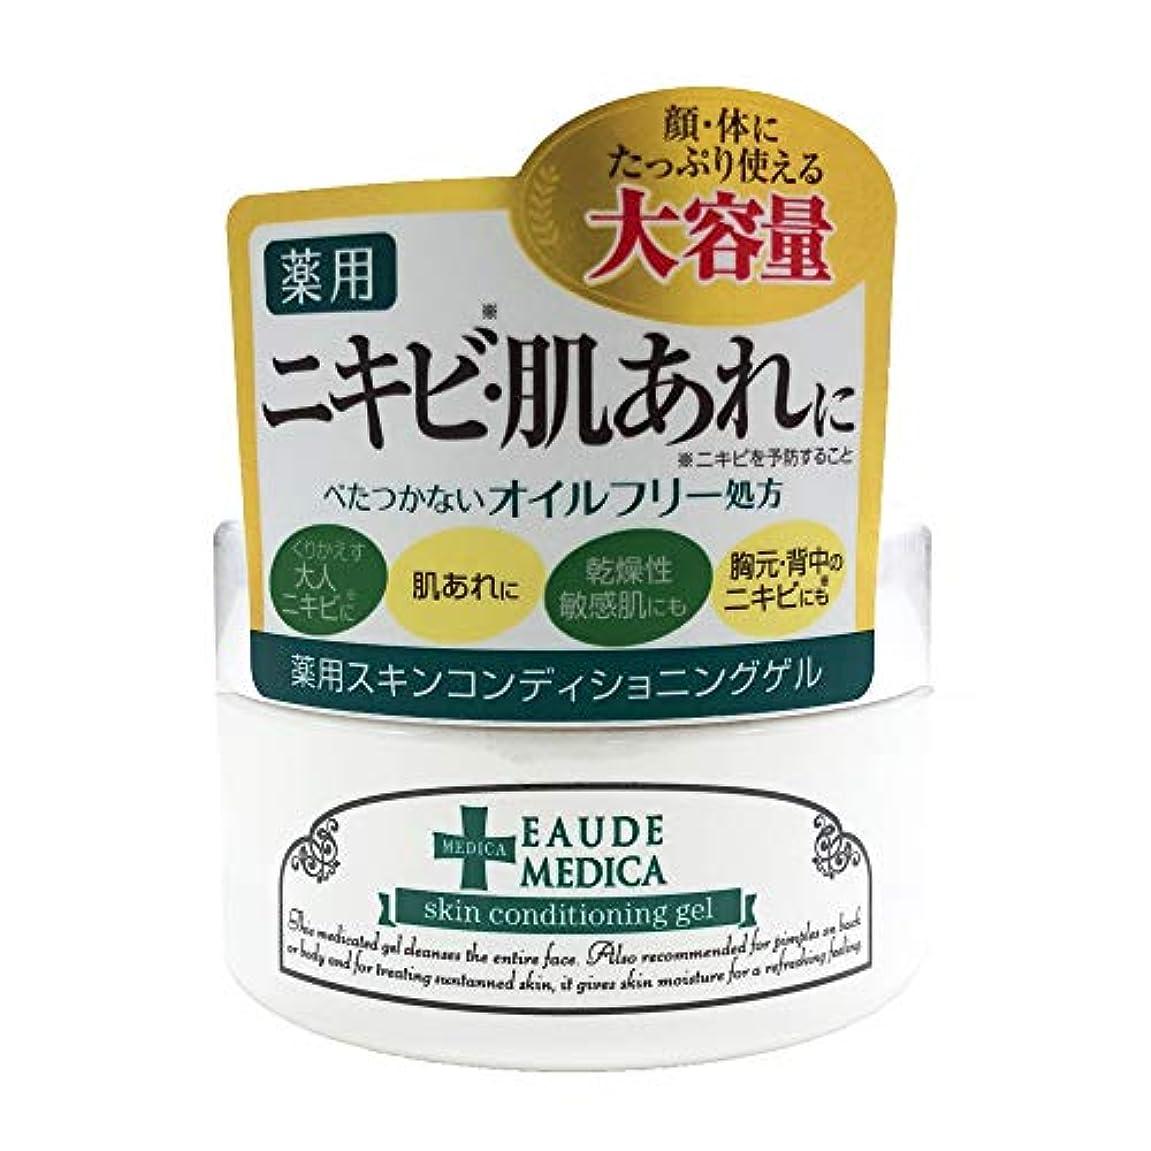 オードメディカ薬用スキンコンディショニングゲル 【医薬部外品】(140g)